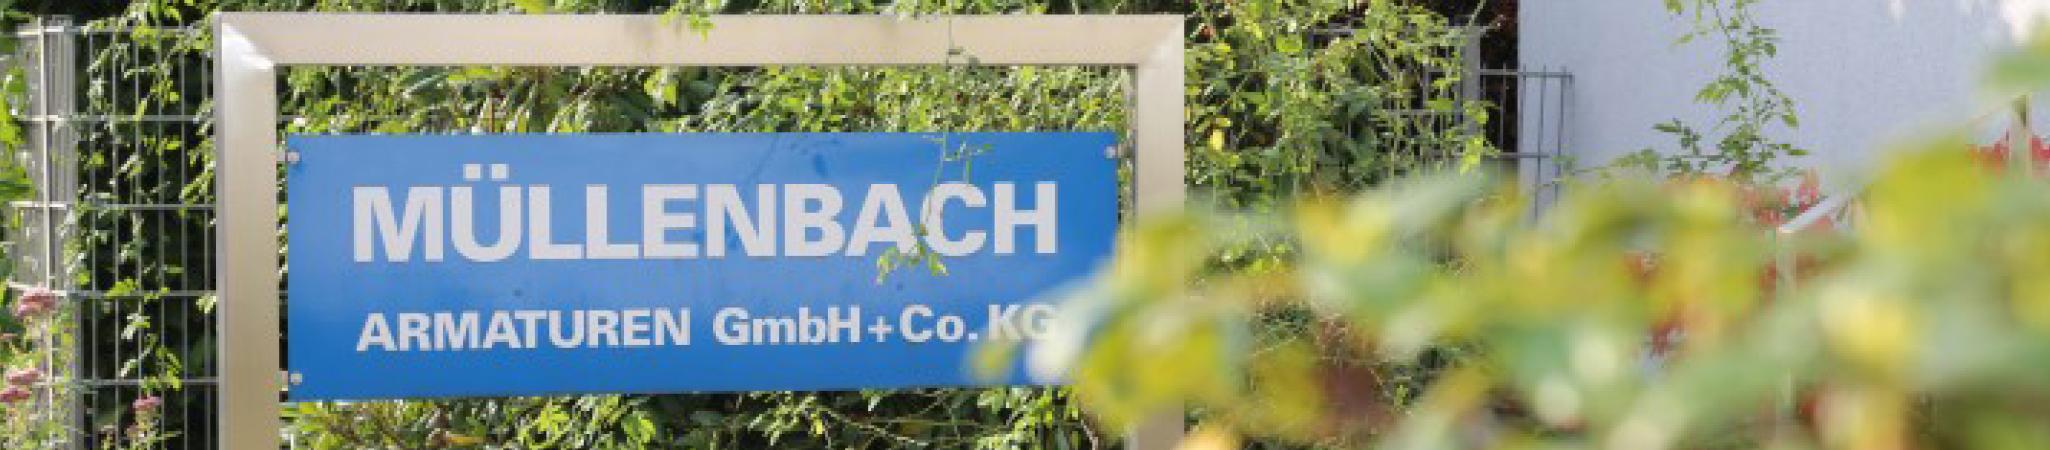 Header Müllenbach Unternehmen